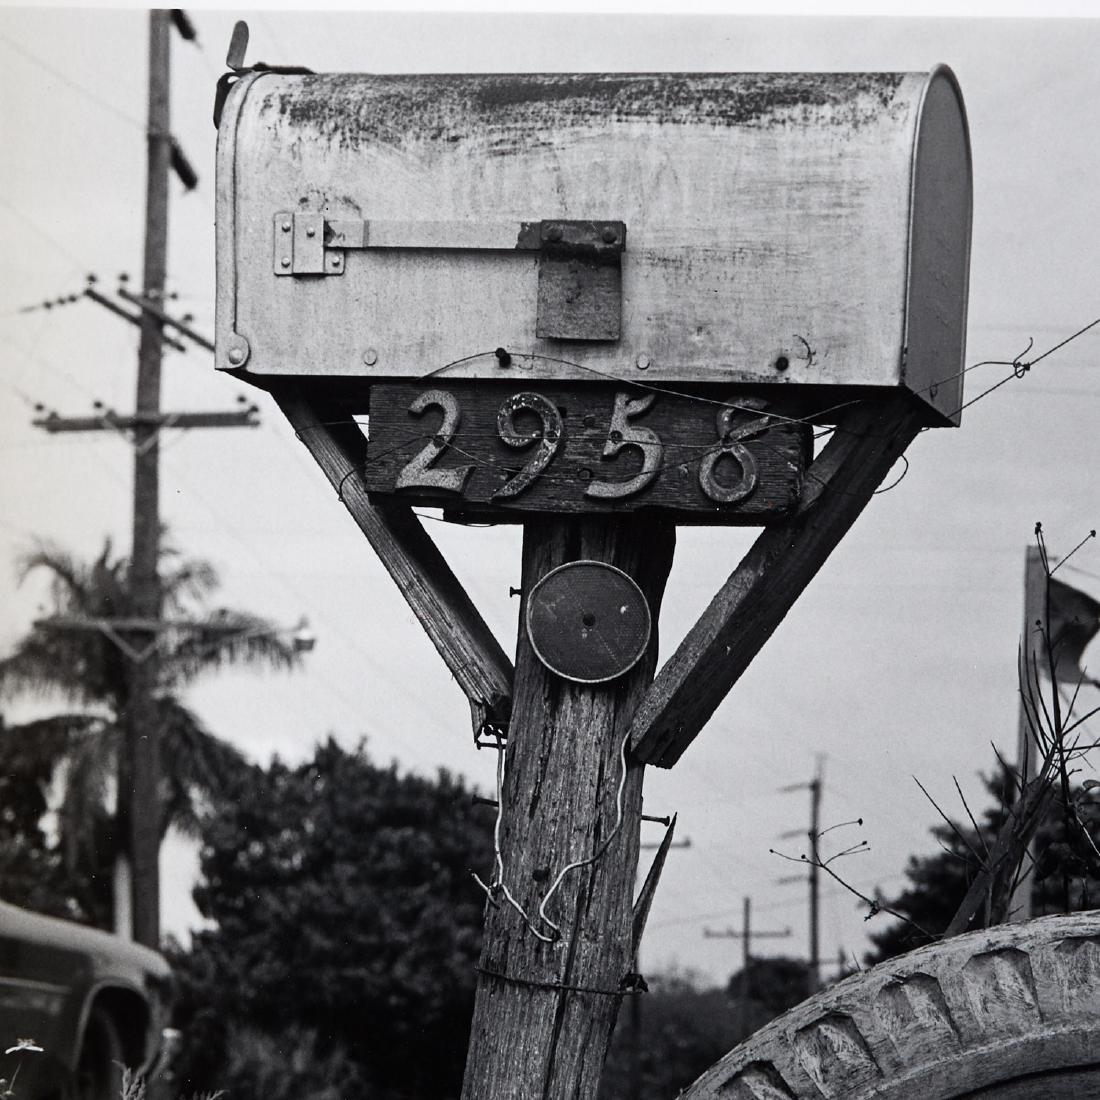 Robert Rauschenberg, Mailbox and Tire, 1979 - 3